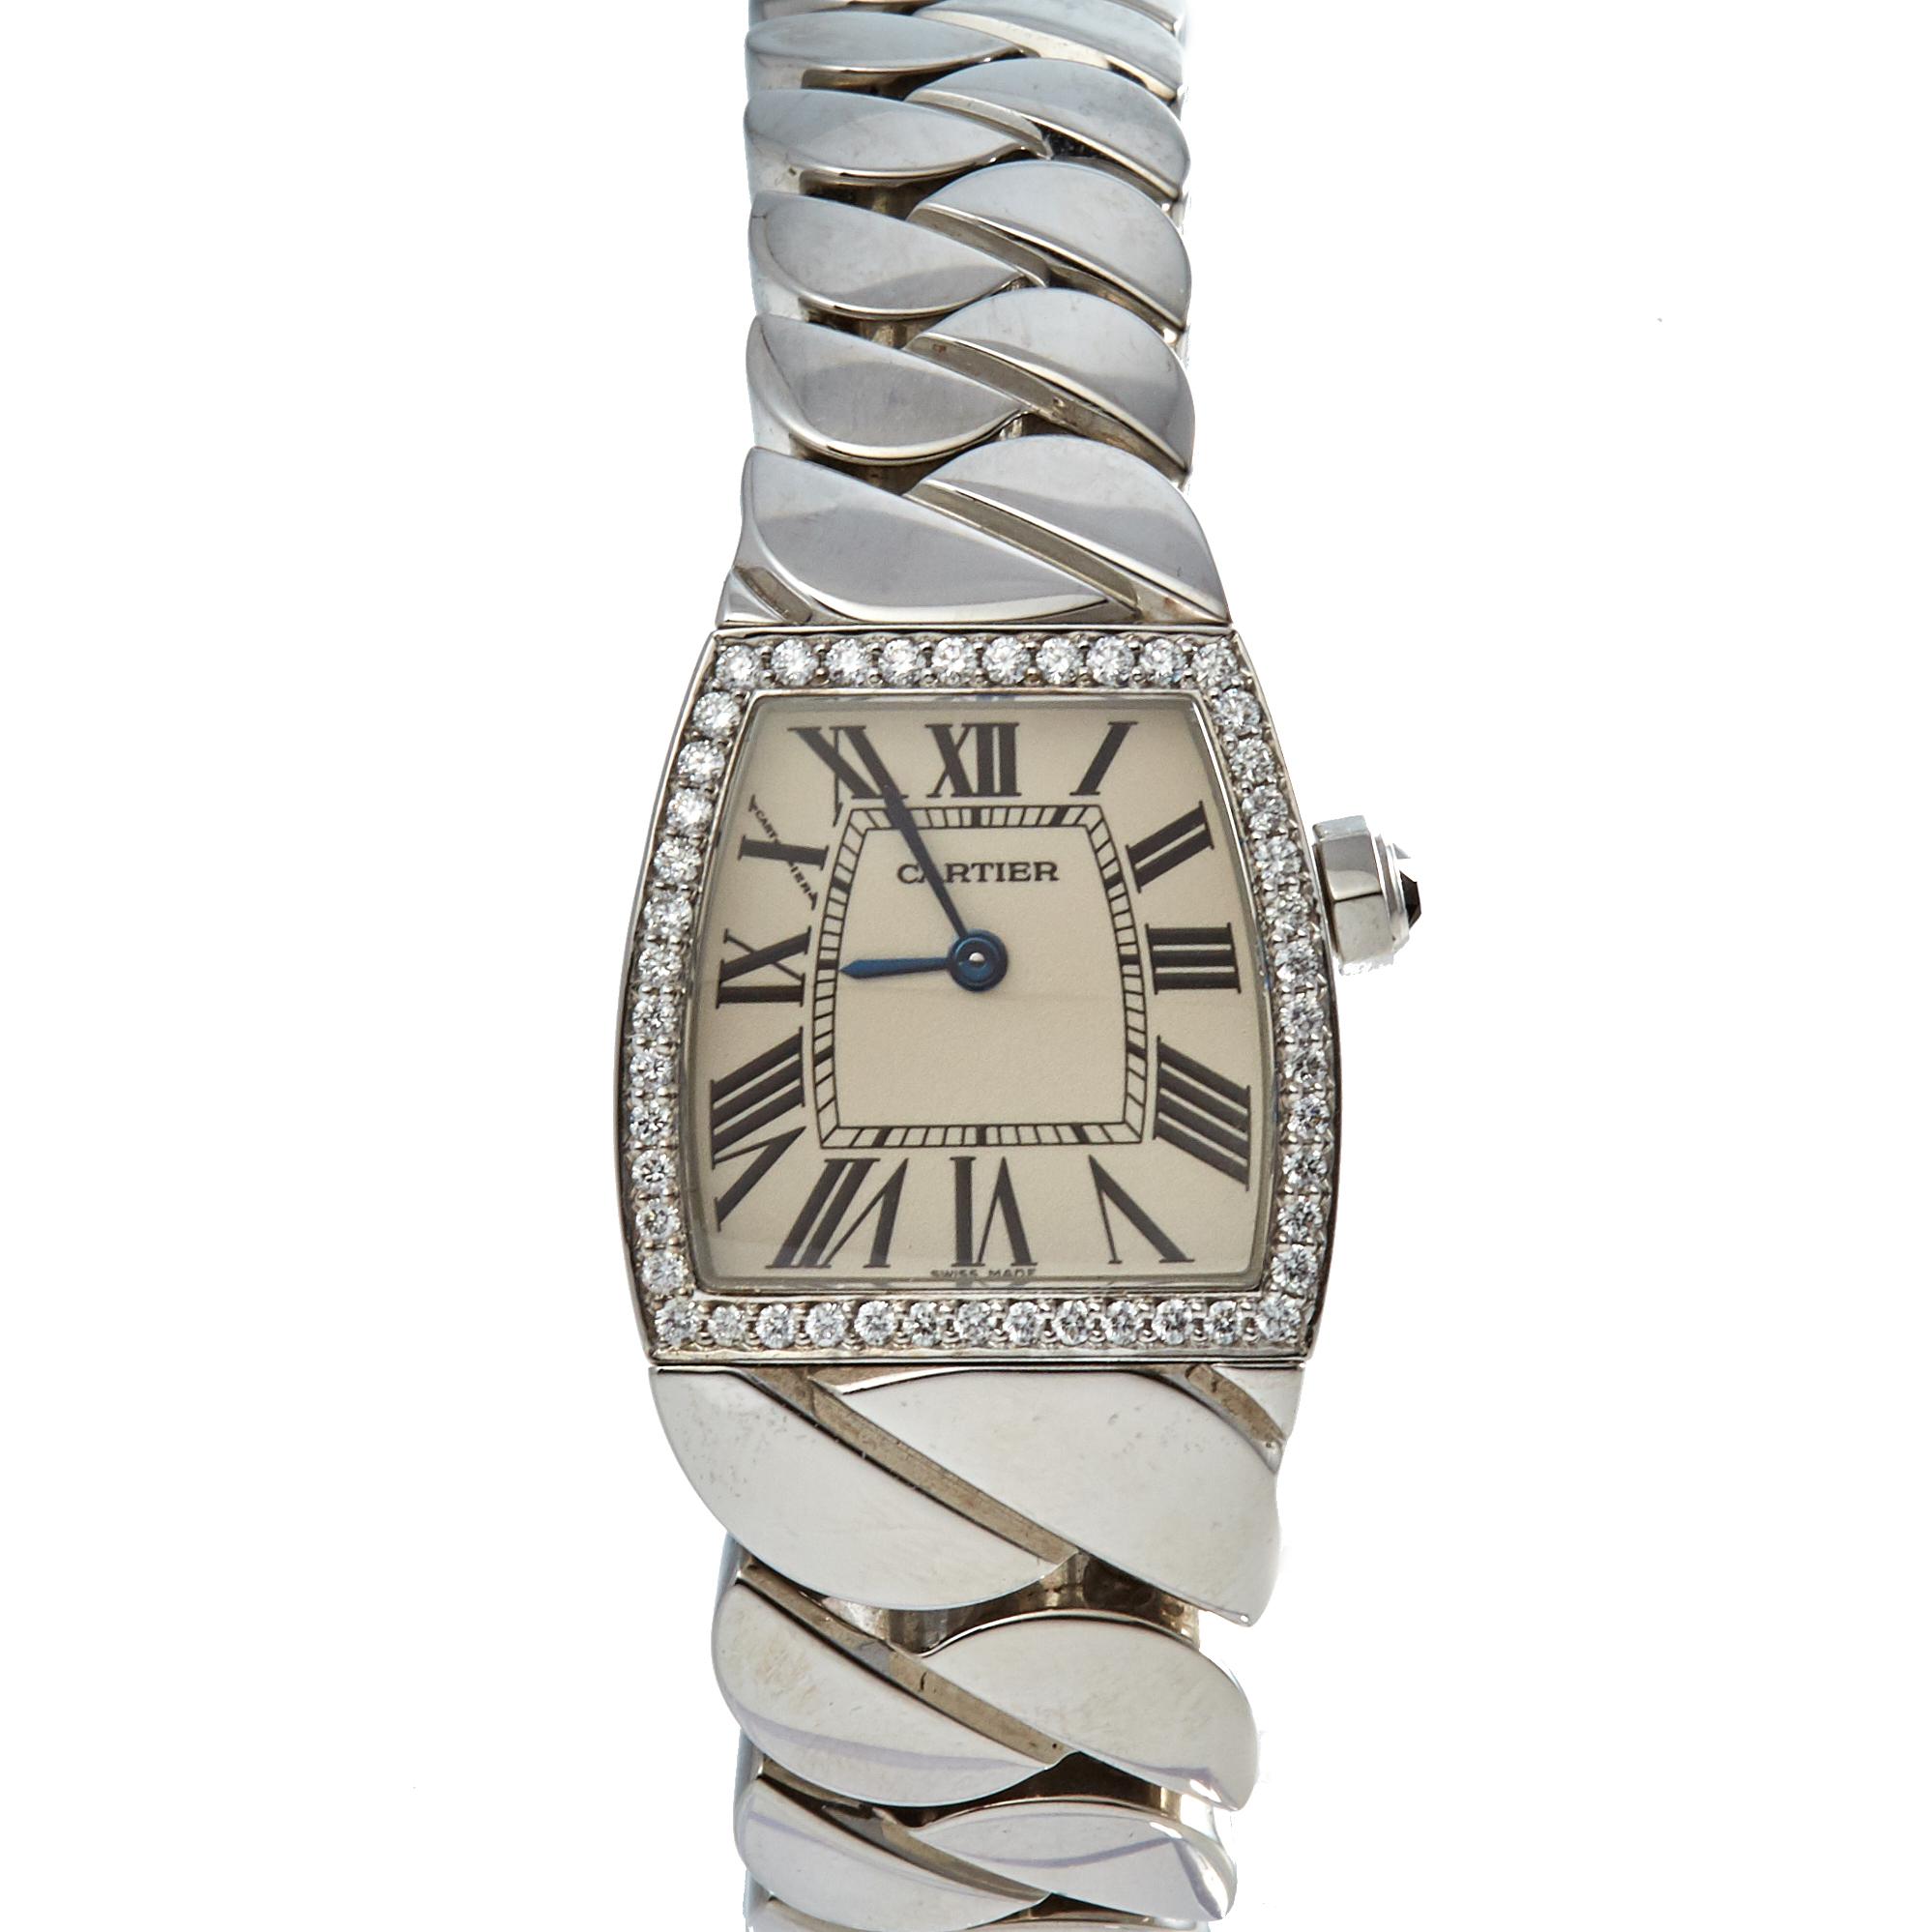 Cartier La Dona Watch